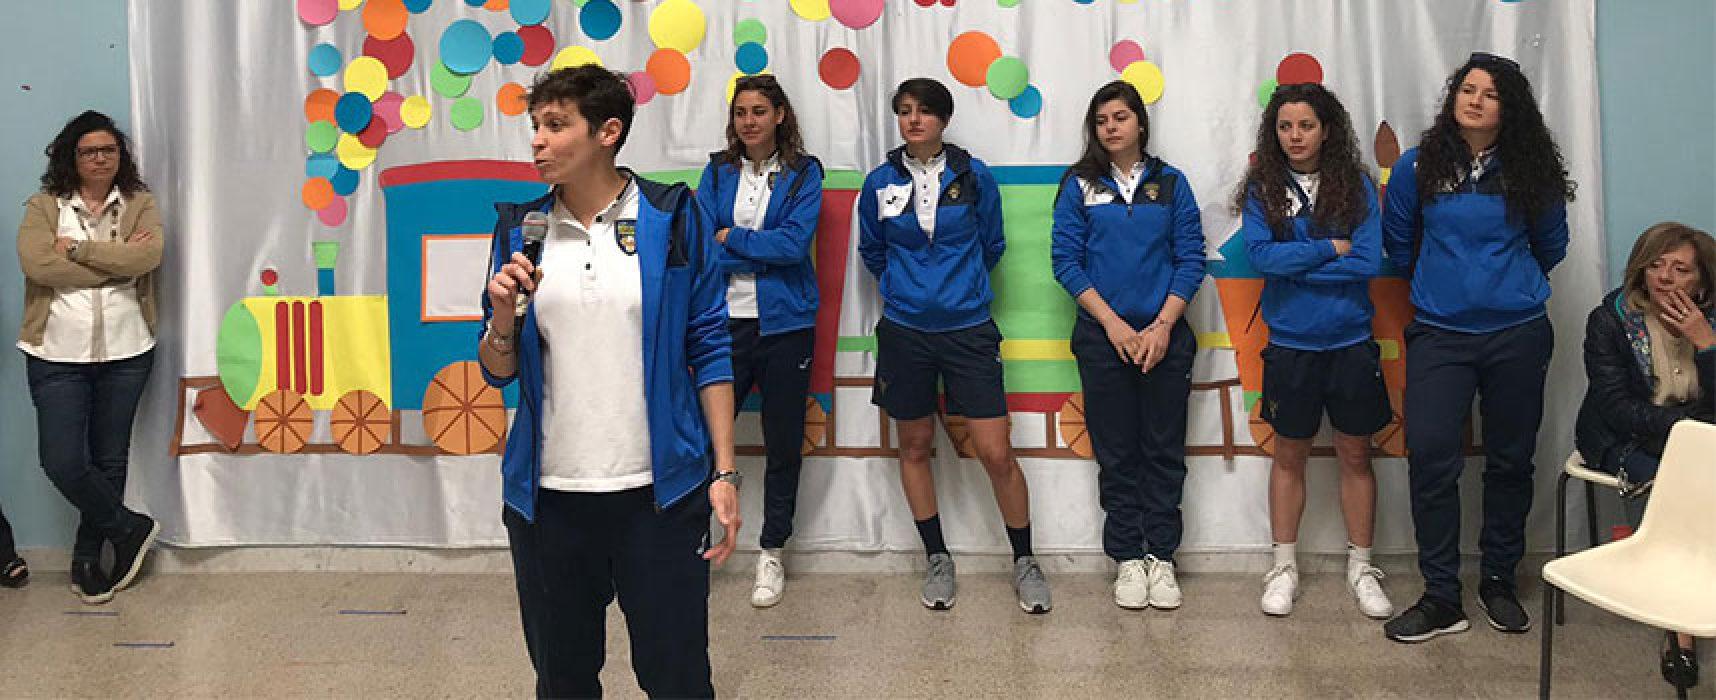 """Bisceglie Femminile protagonista dell'incontro, """"Lo sport oltre il pregiudizio"""" / FOTO"""